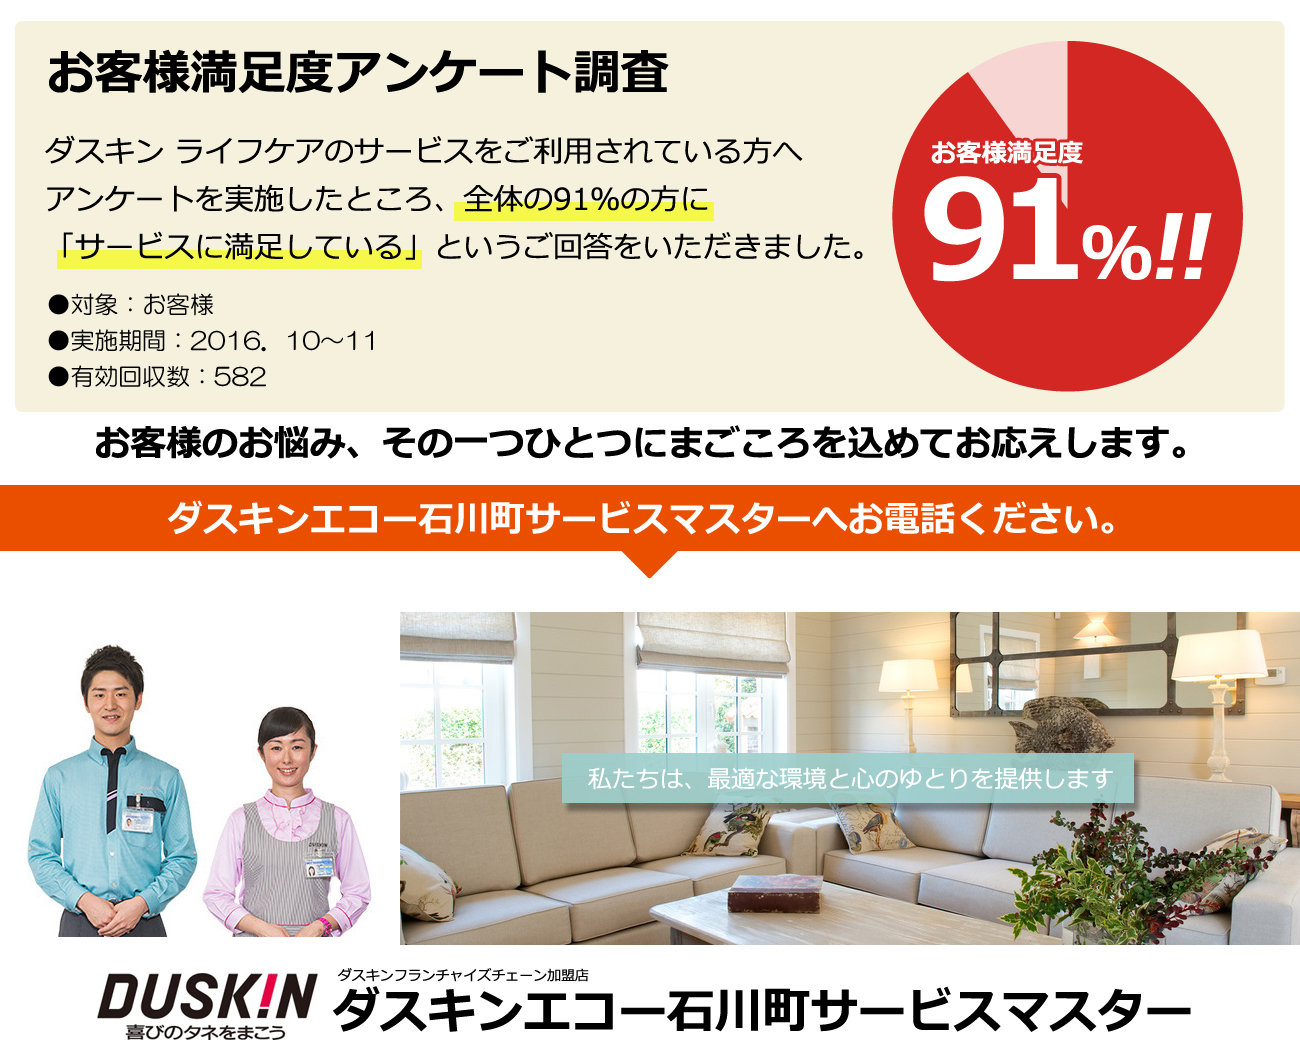 ダスキンのライフケアサービスは満足度は91%